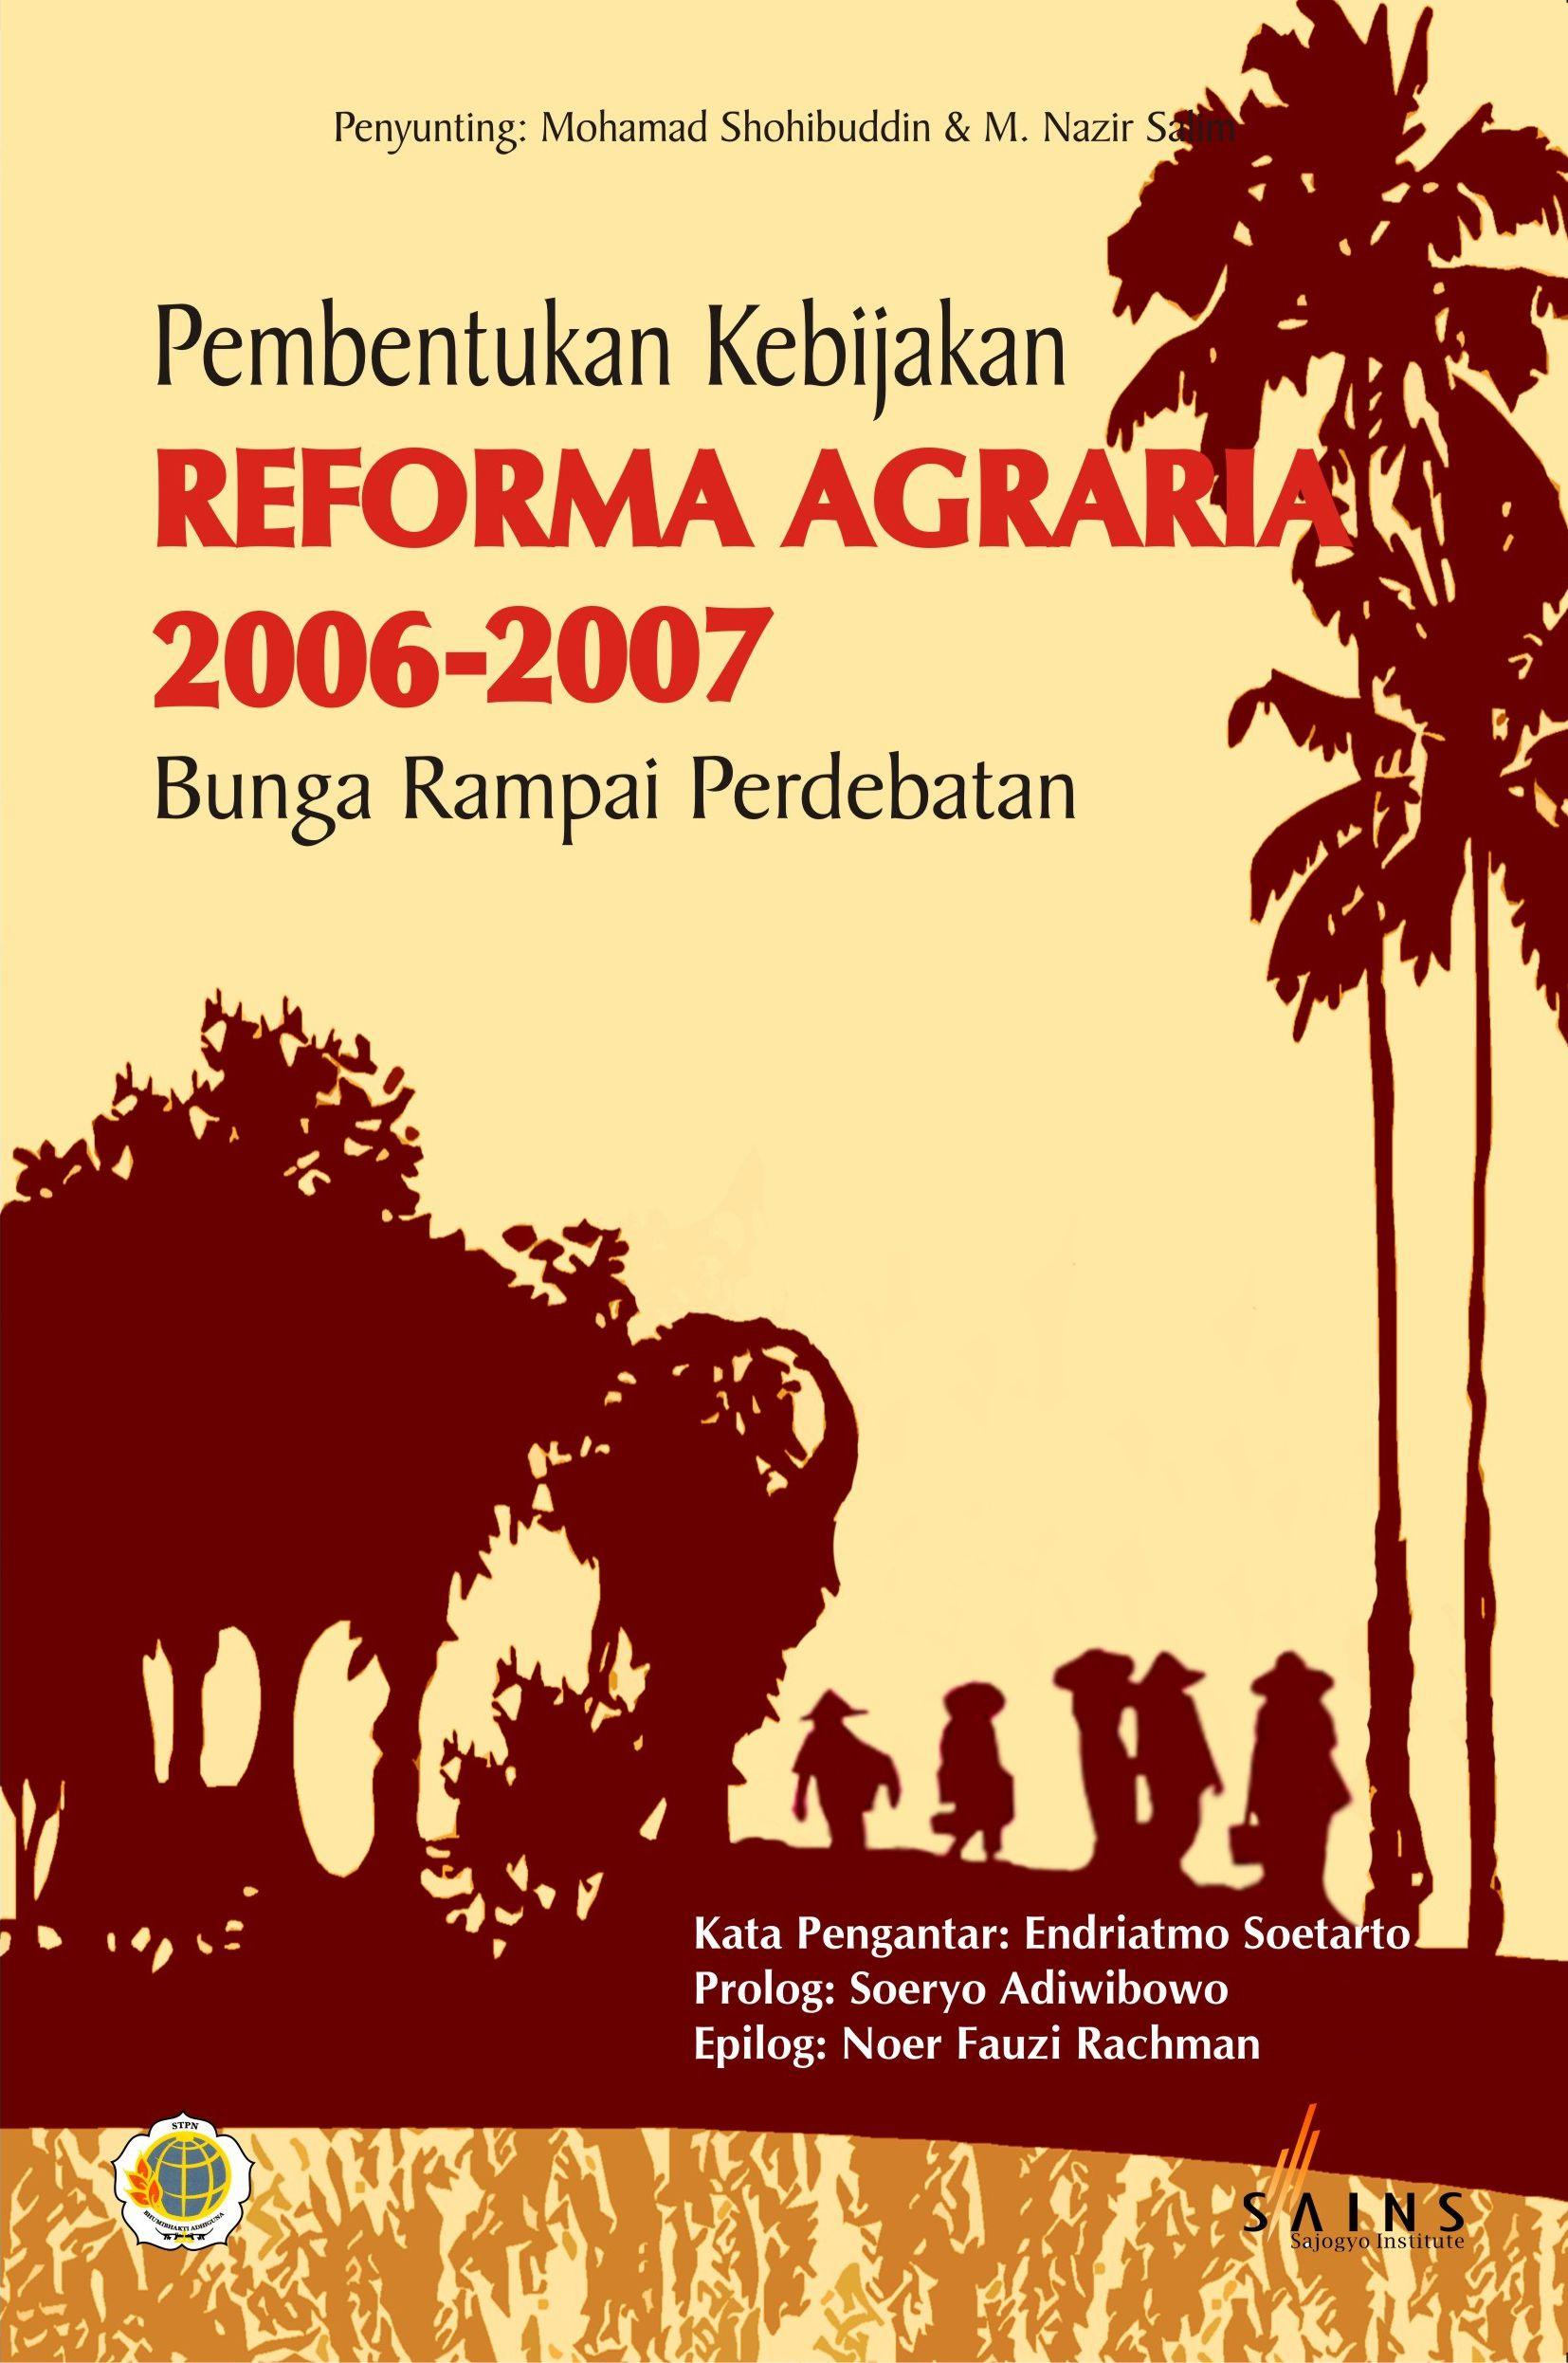 Pembentukan kebijakan reforma agraria 2006-2007 [sumber elektronis] : bunga rampai pemikiran